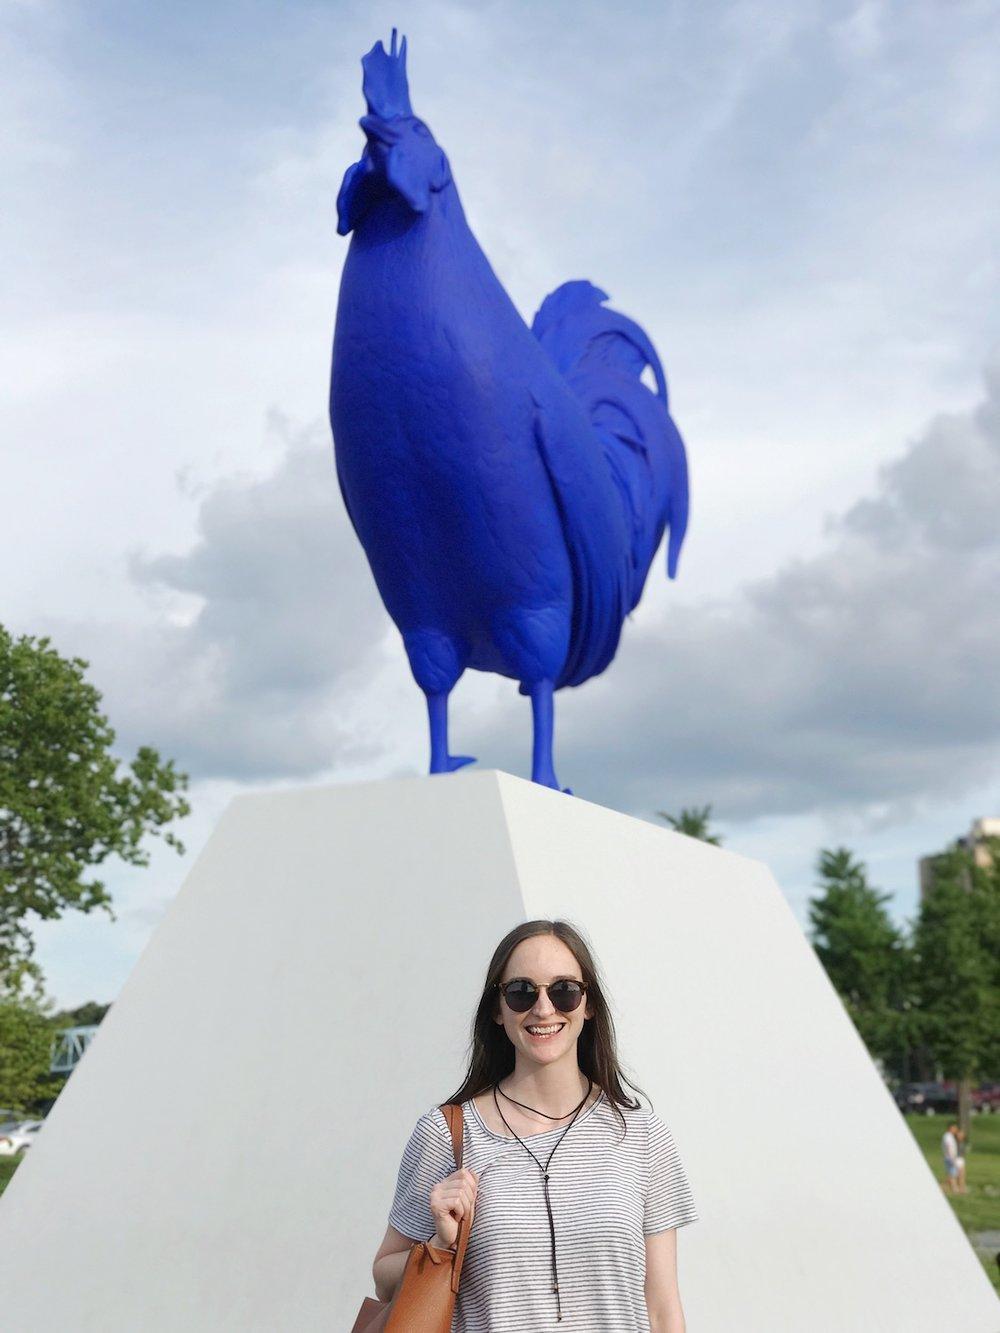 blue-chicken-statue-minneapolis.JPG